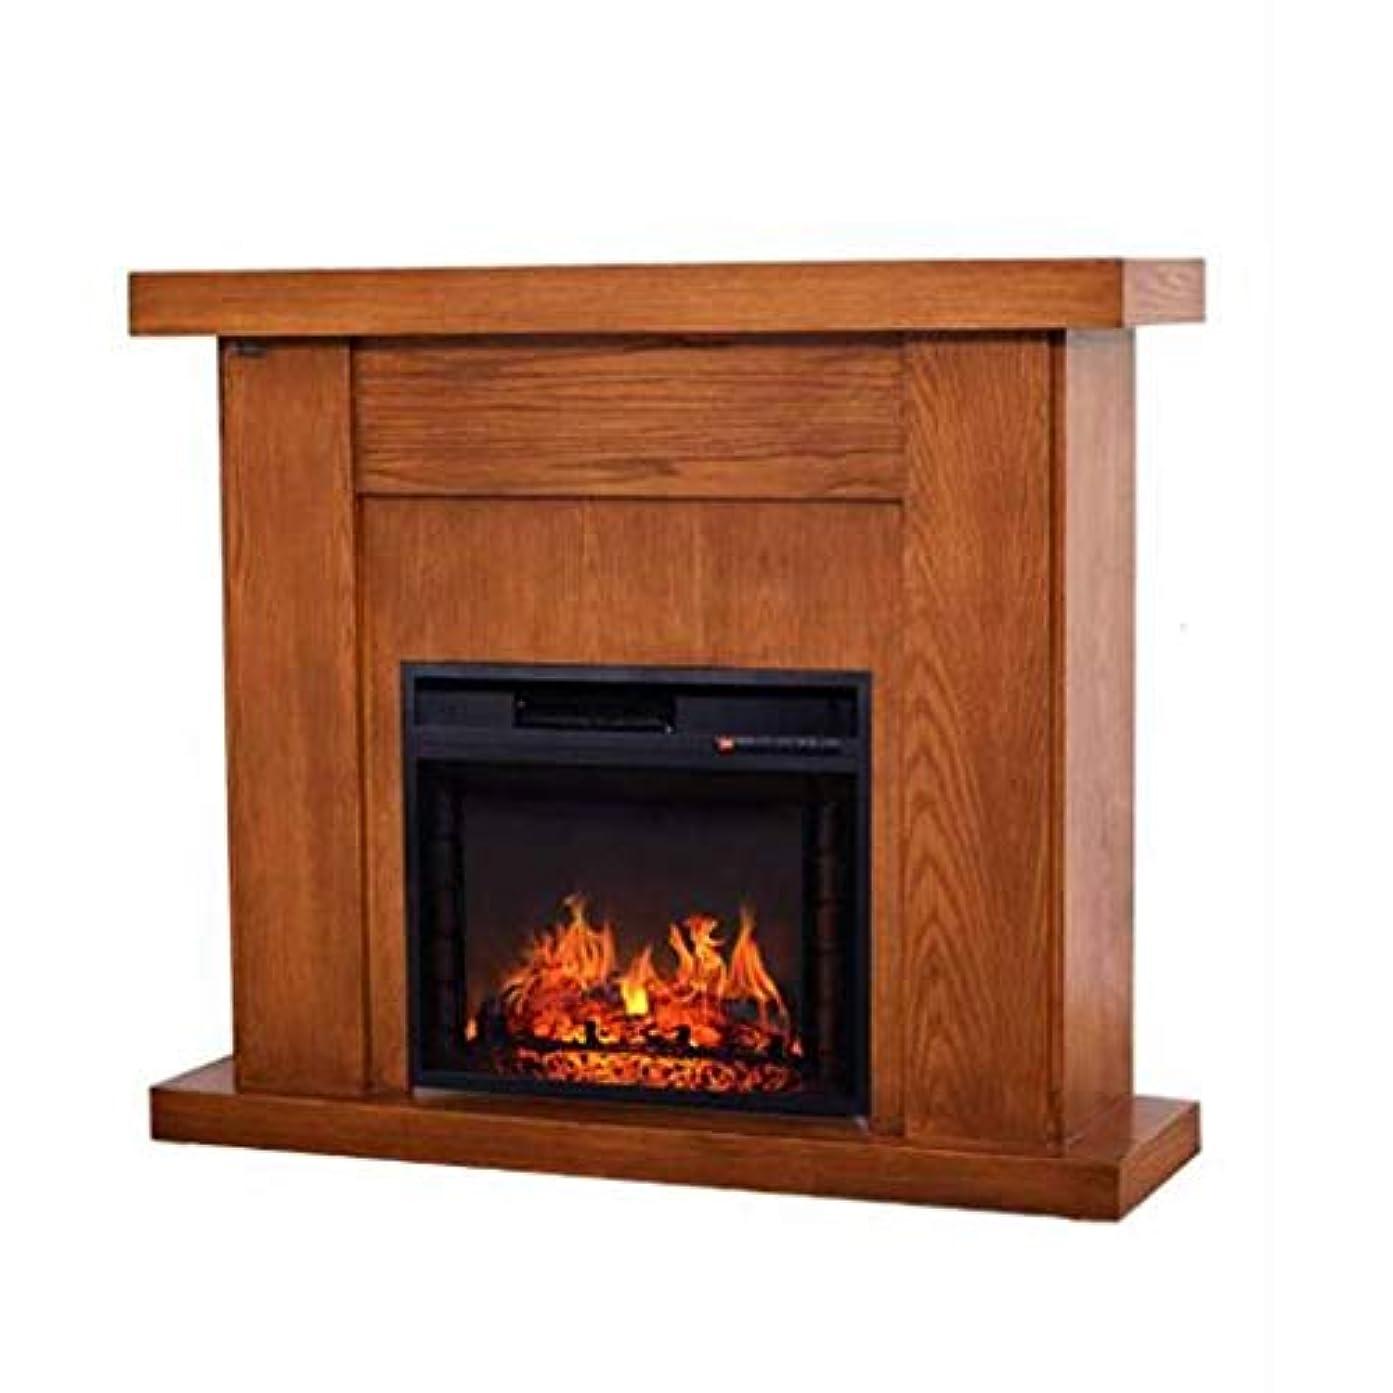 能力虎増幅電気暖炉Liu、ライトソリッドウッドレトロ暖炉装飾キャビネットアナログフレームヒーター家庭用、防湿、変形しにくい(色:A)